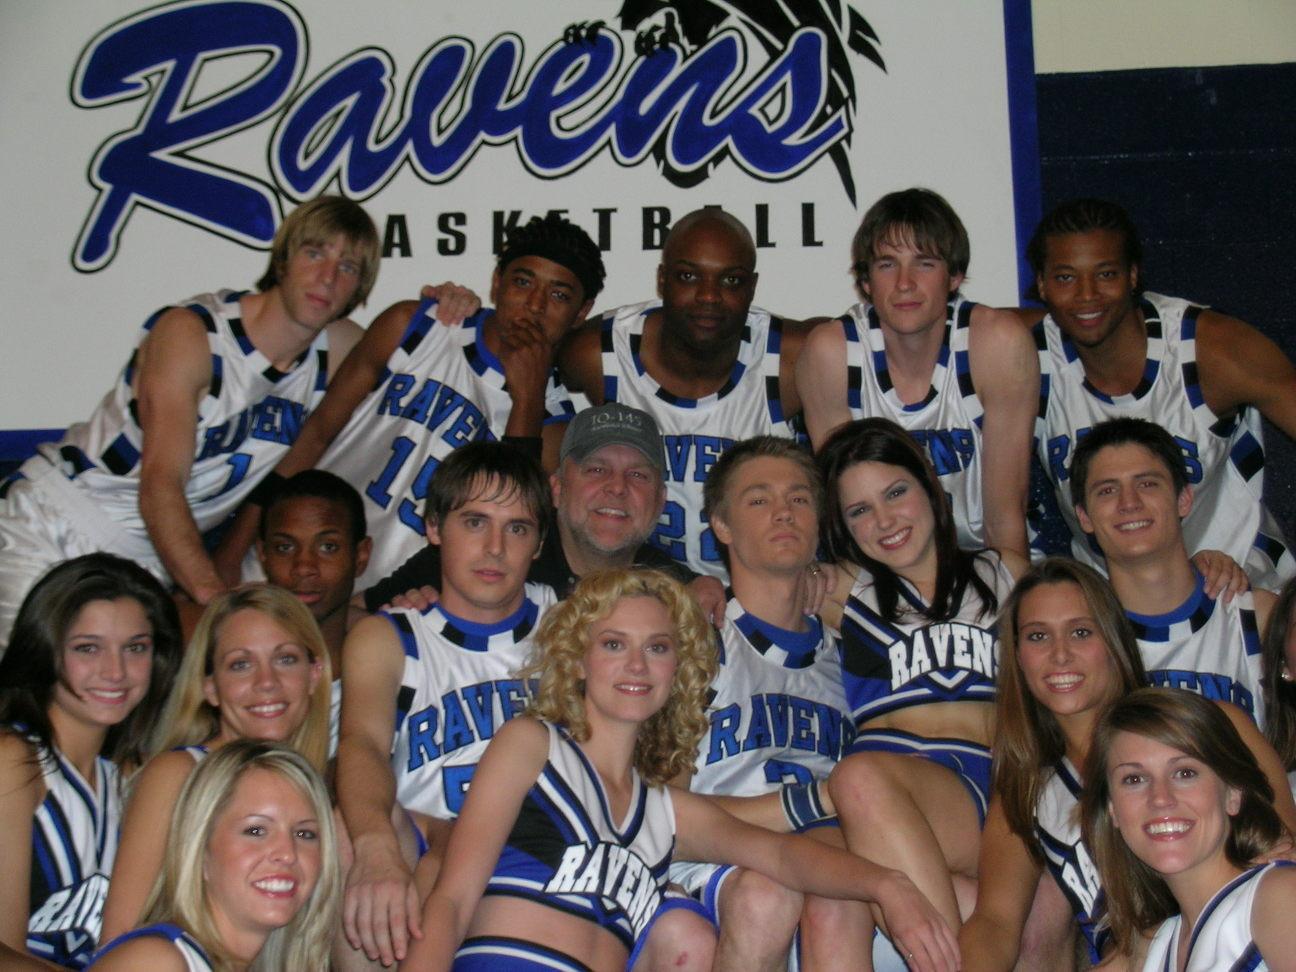 OTH Cheerleaders Ravens-and-cheerleaders-tree-hill-ravens-2492734-1296-972